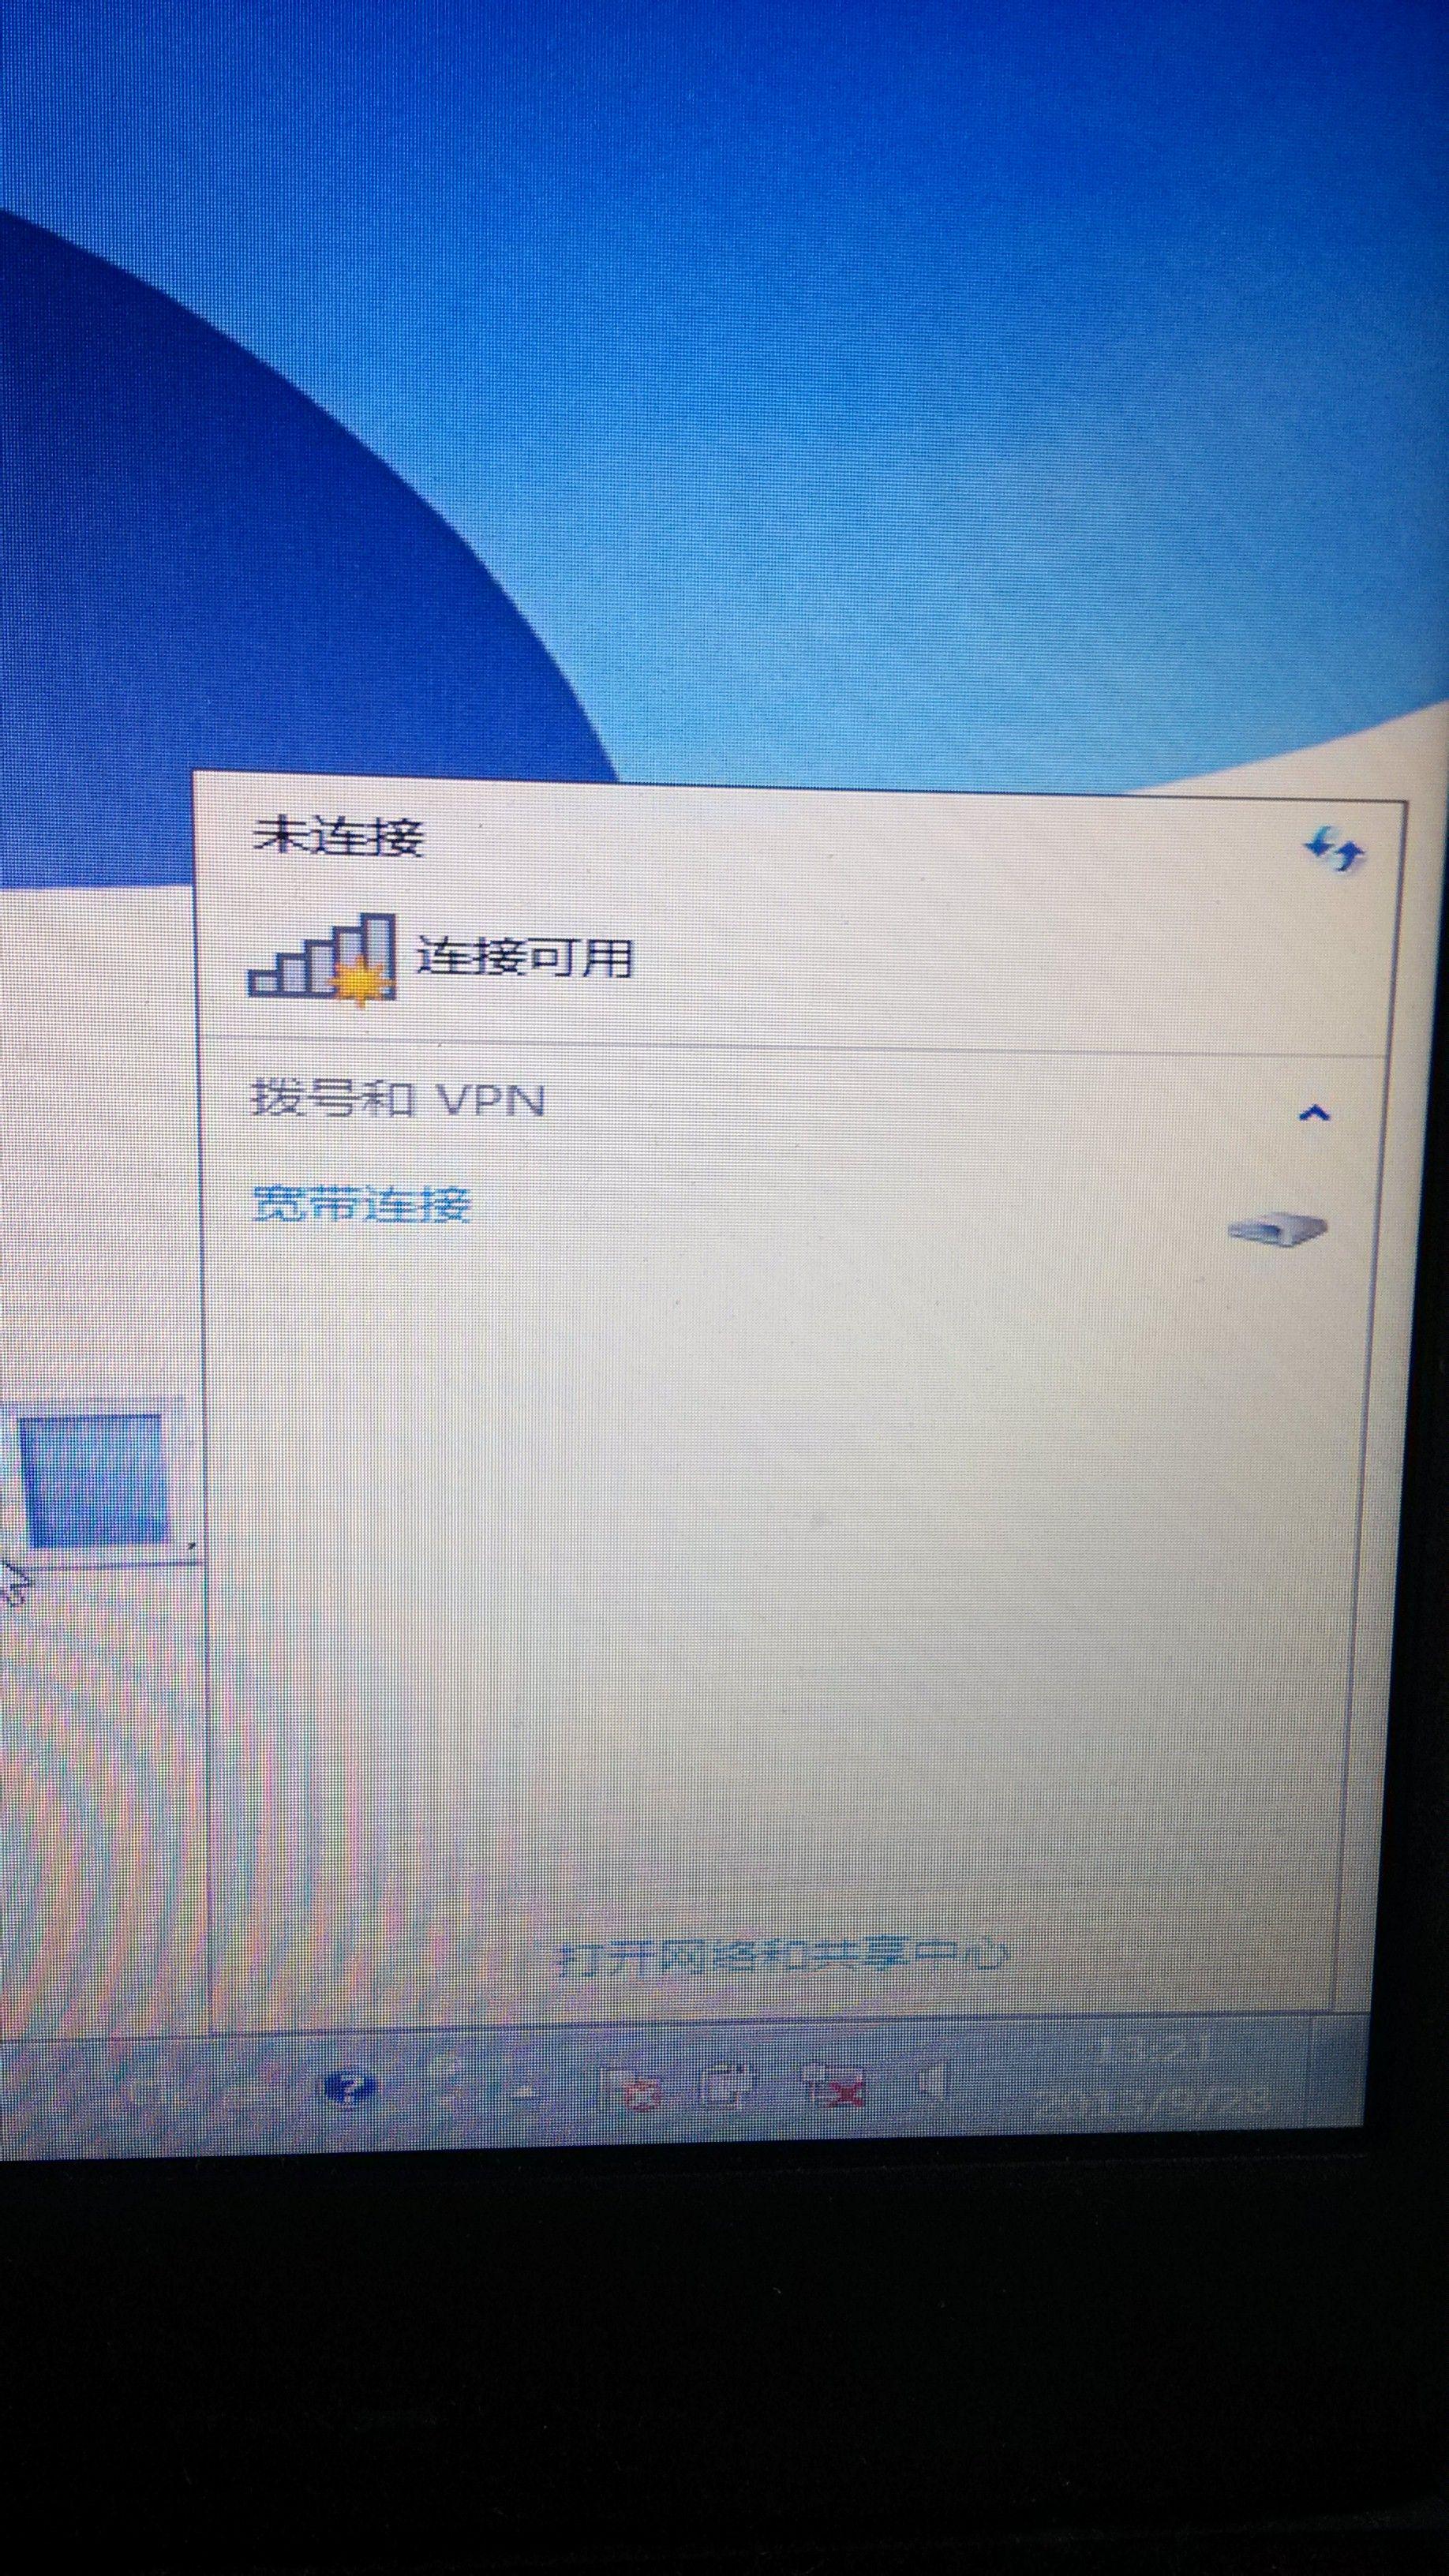 装了win7后无线网络图标不见了,f2 fn的强力组合也不管用.图片